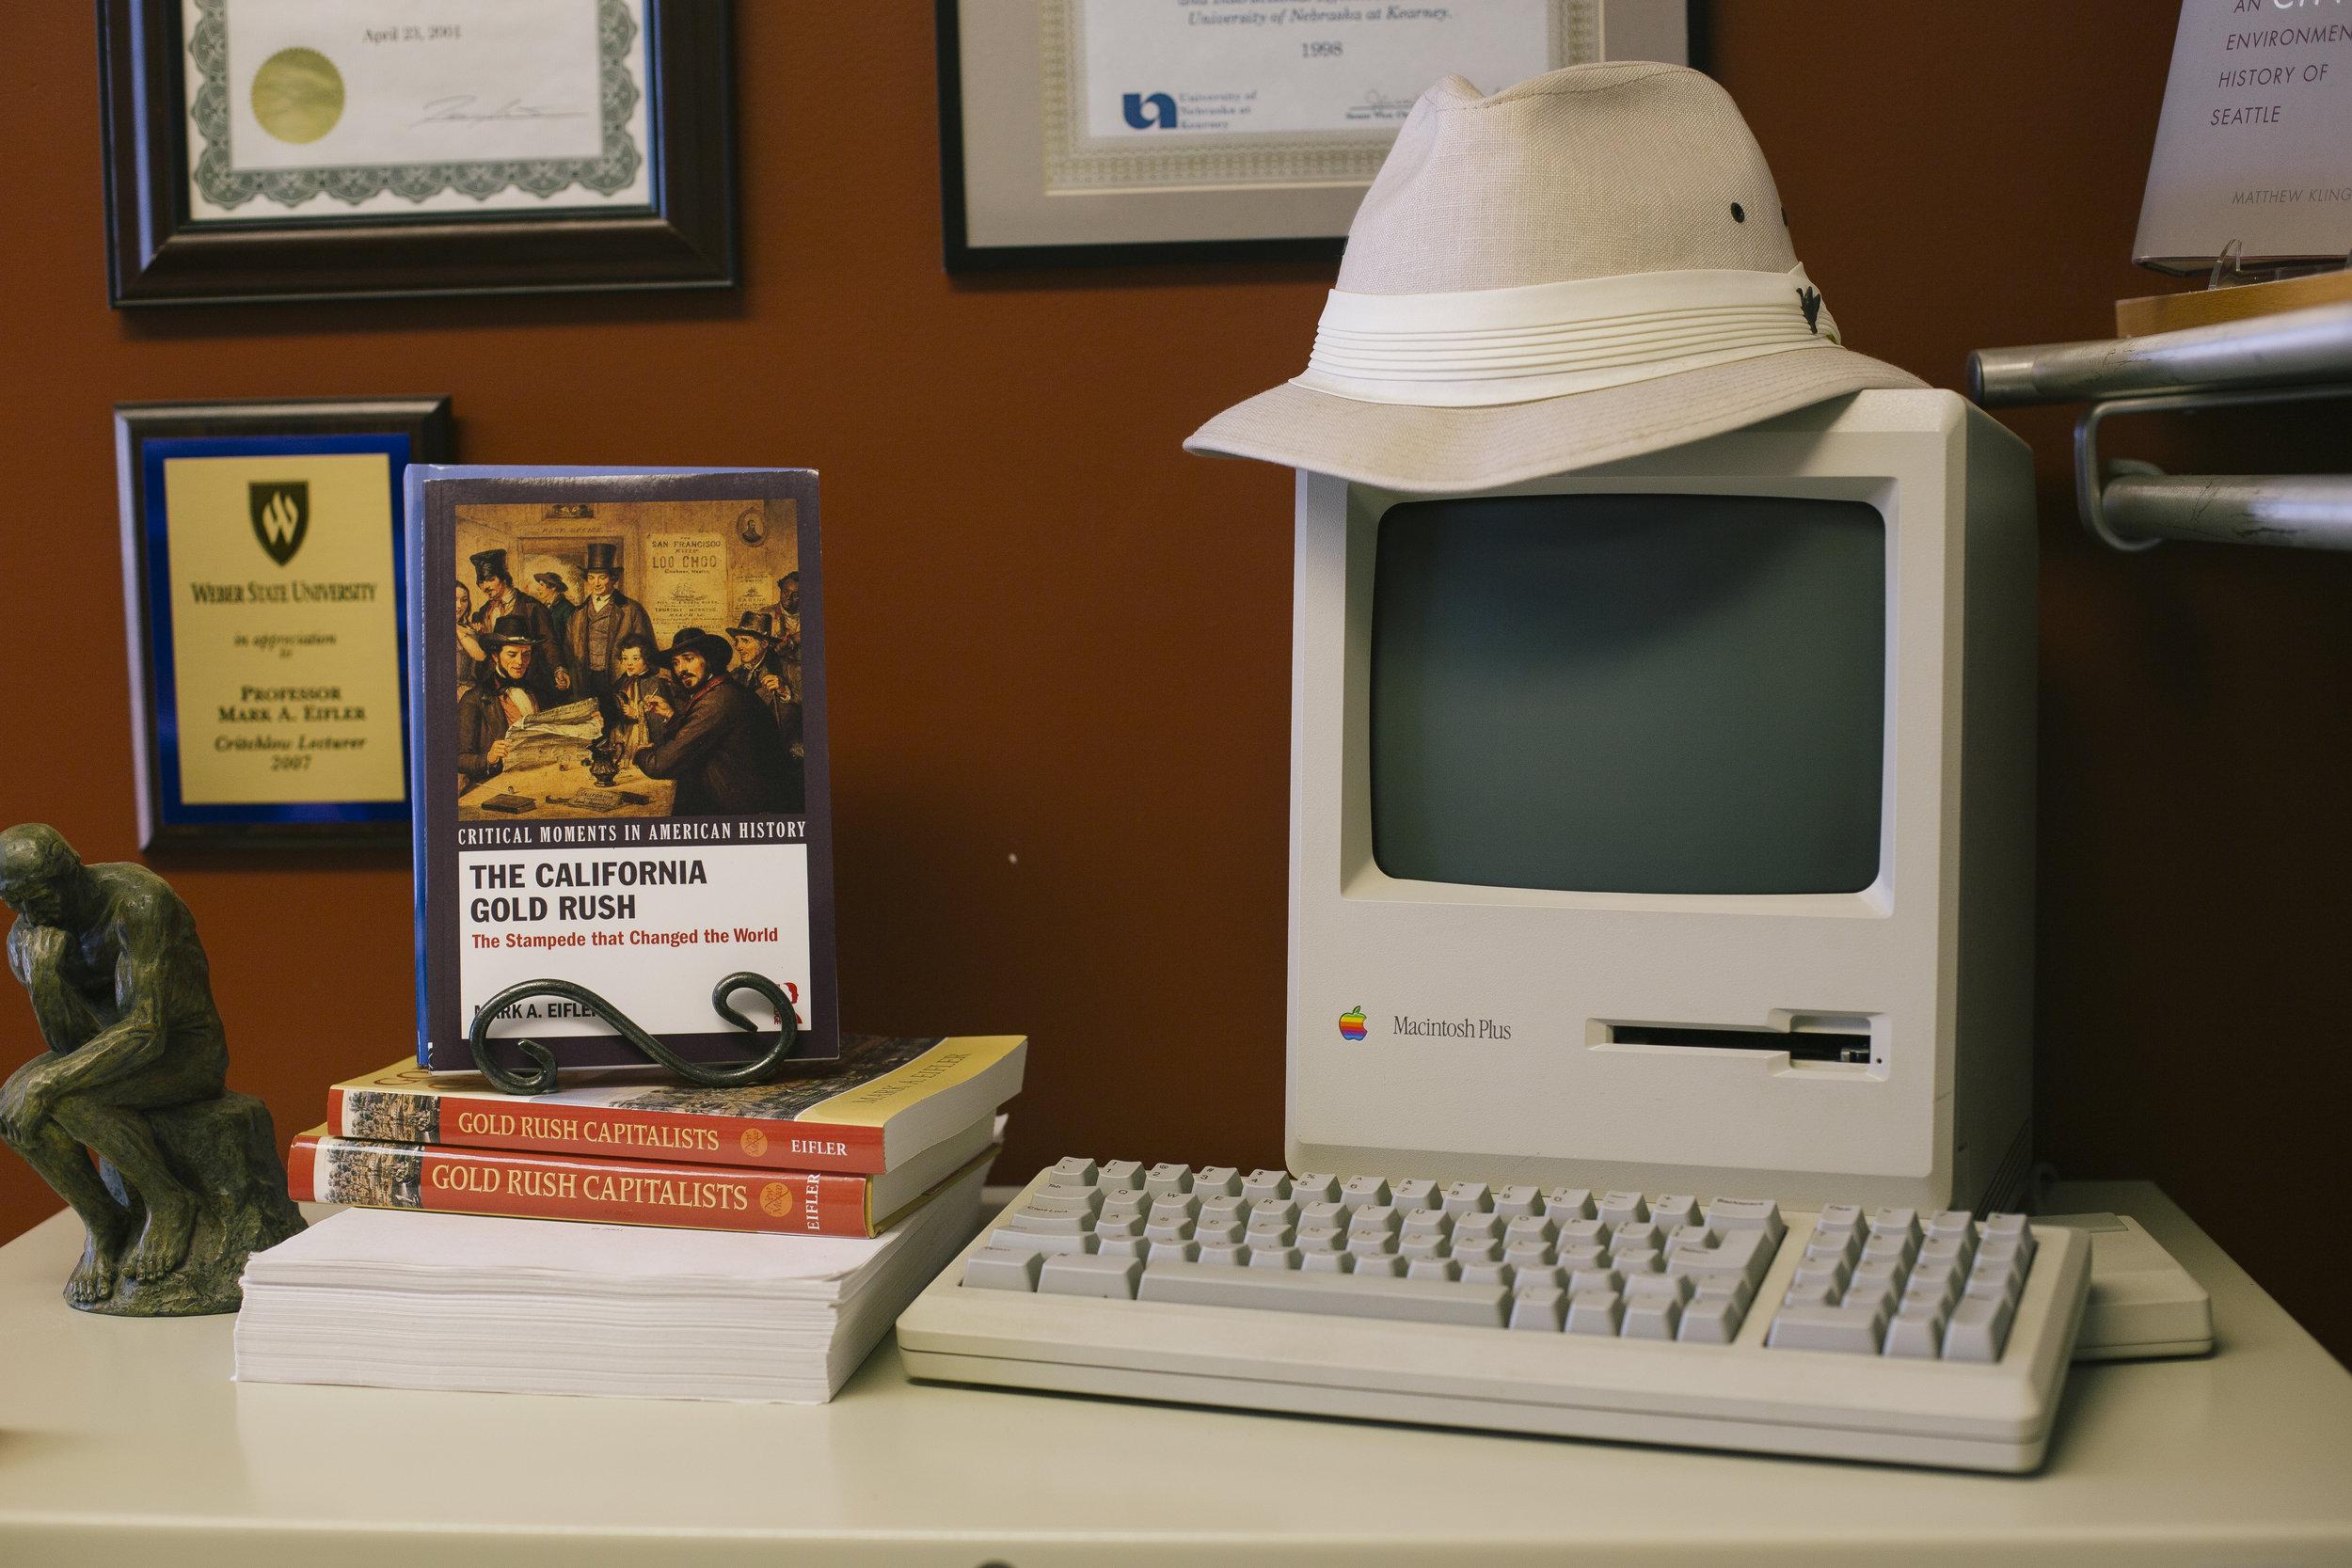 officehours-2.jpg